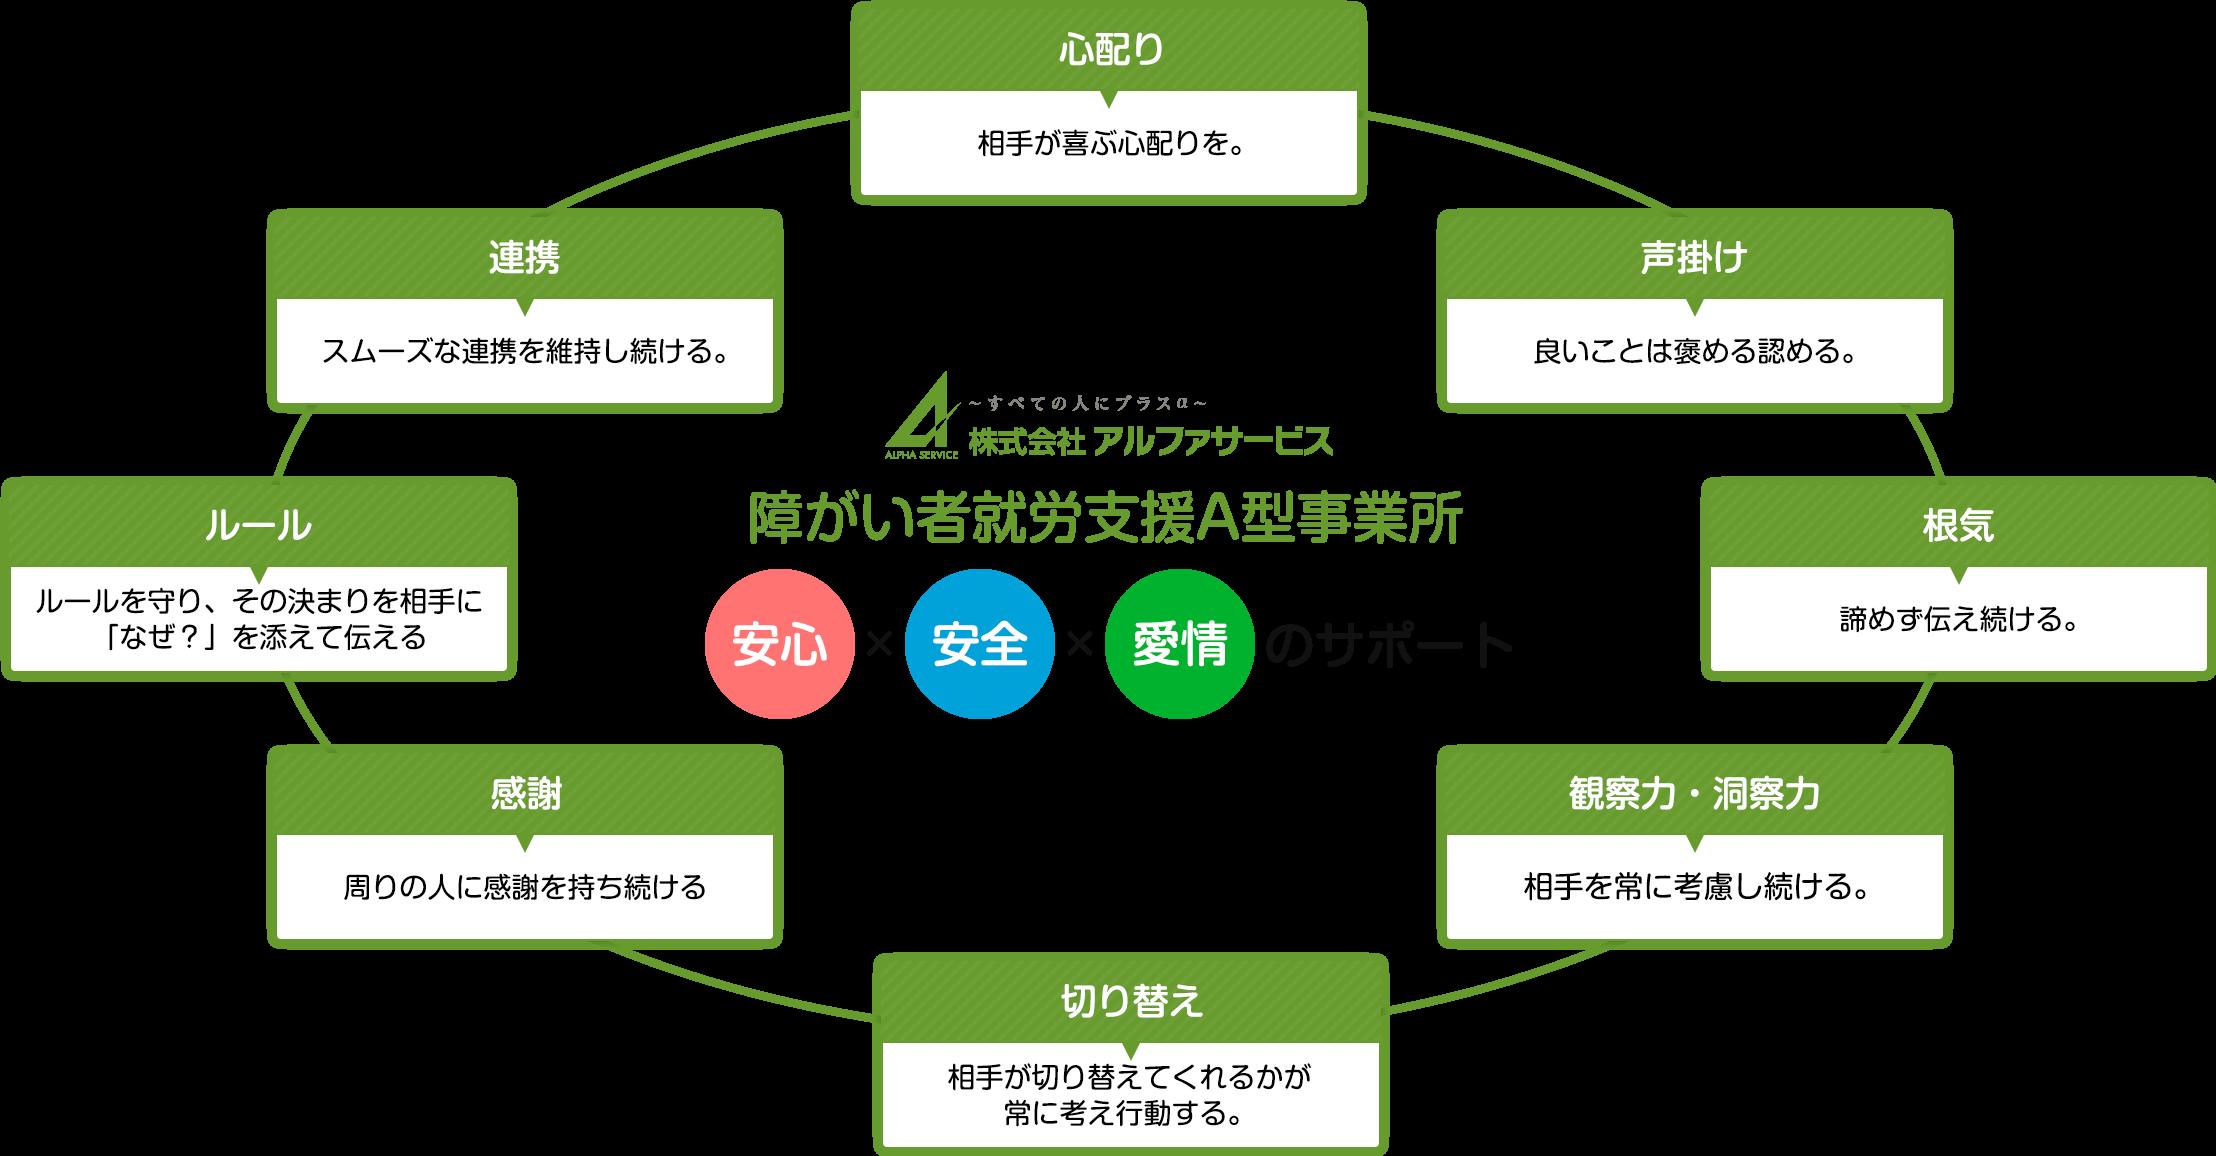 アルファサービス | 株式会社アルファスタッフ